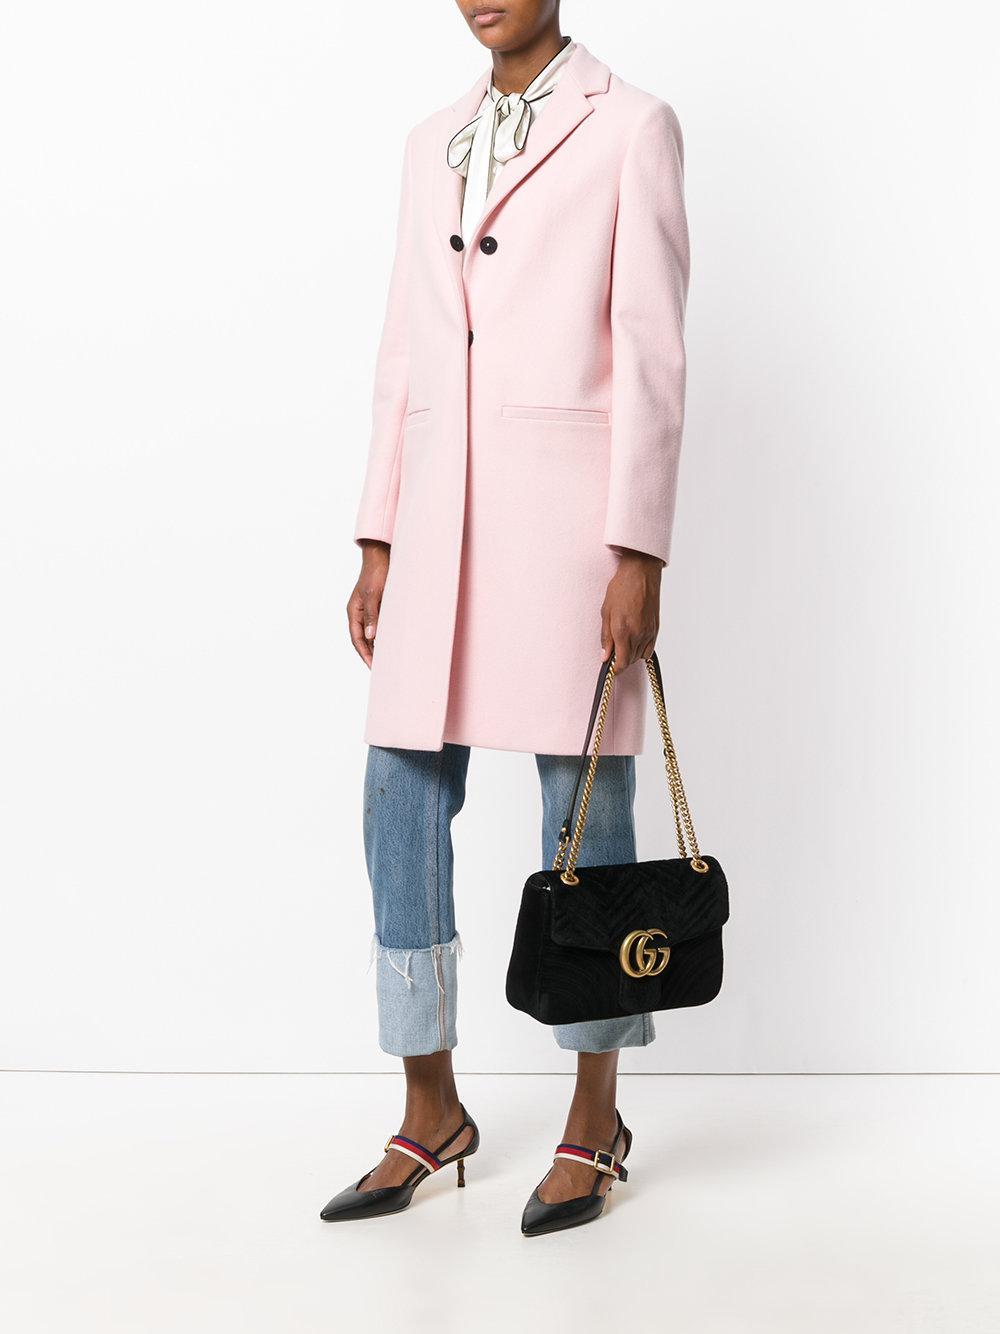 07d63b459d2 Lyst - Sac porté épaule Marmont 2.0 Gucci en coloris Noir